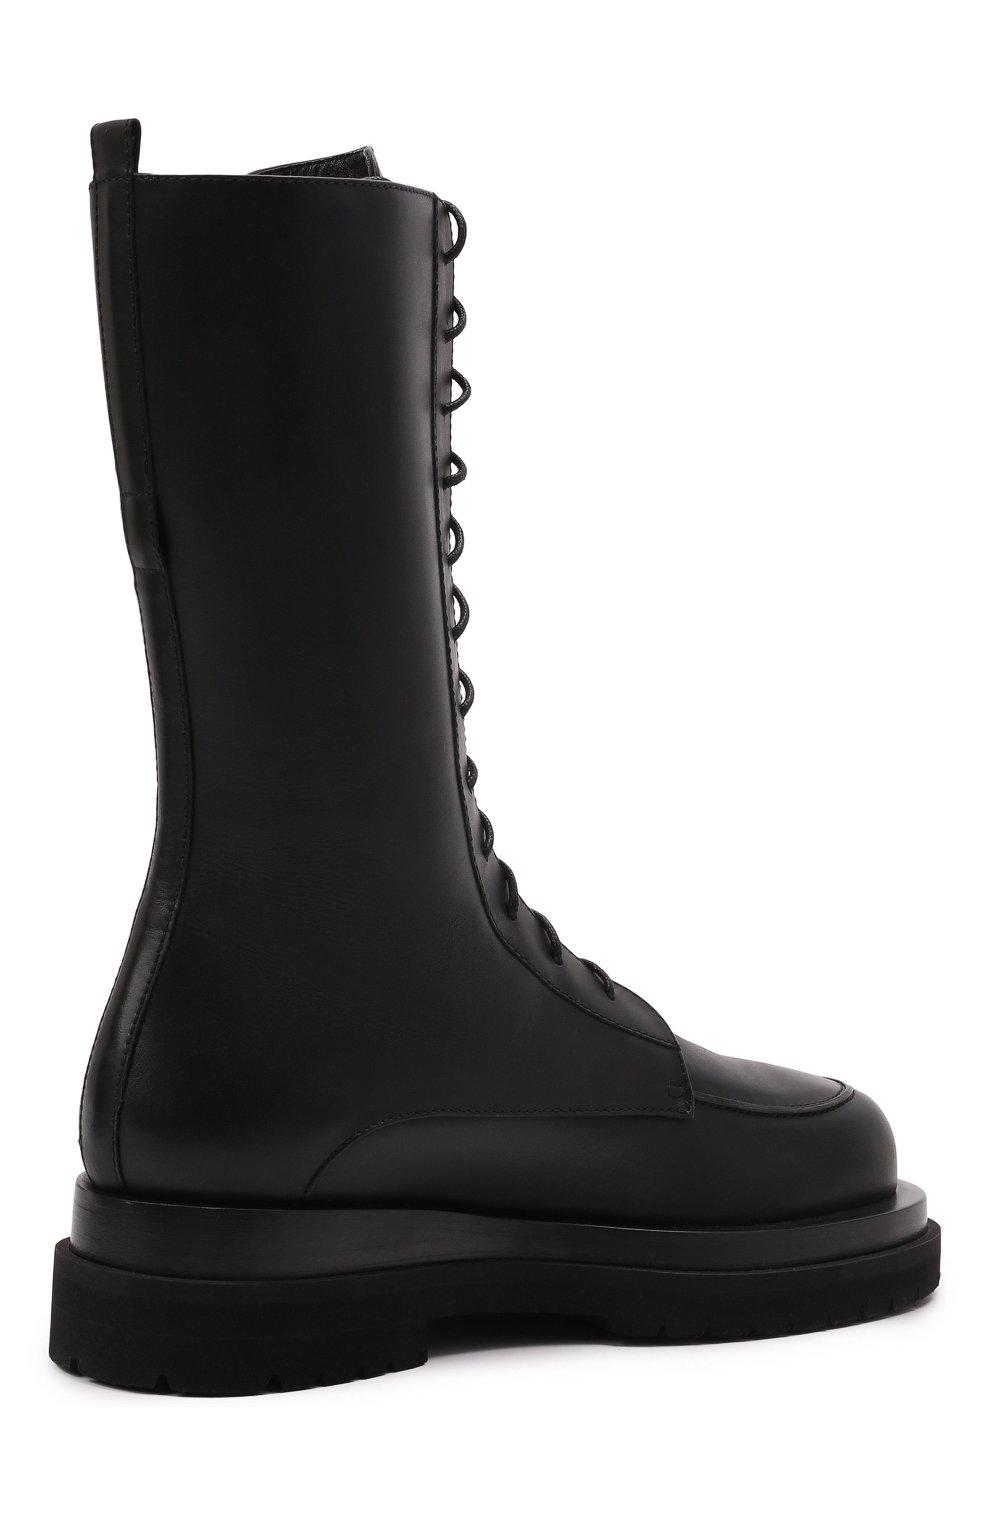 Женские кожаные ботинки MAGDA BUTRYM черного цвета, арт. 5187208008 | Фото 4 (Подошва: Платформа; Каблук высота: Низкий; Женское Кросс-КТ: Военные ботинки; Материал внутренний: Натуральная кожа)